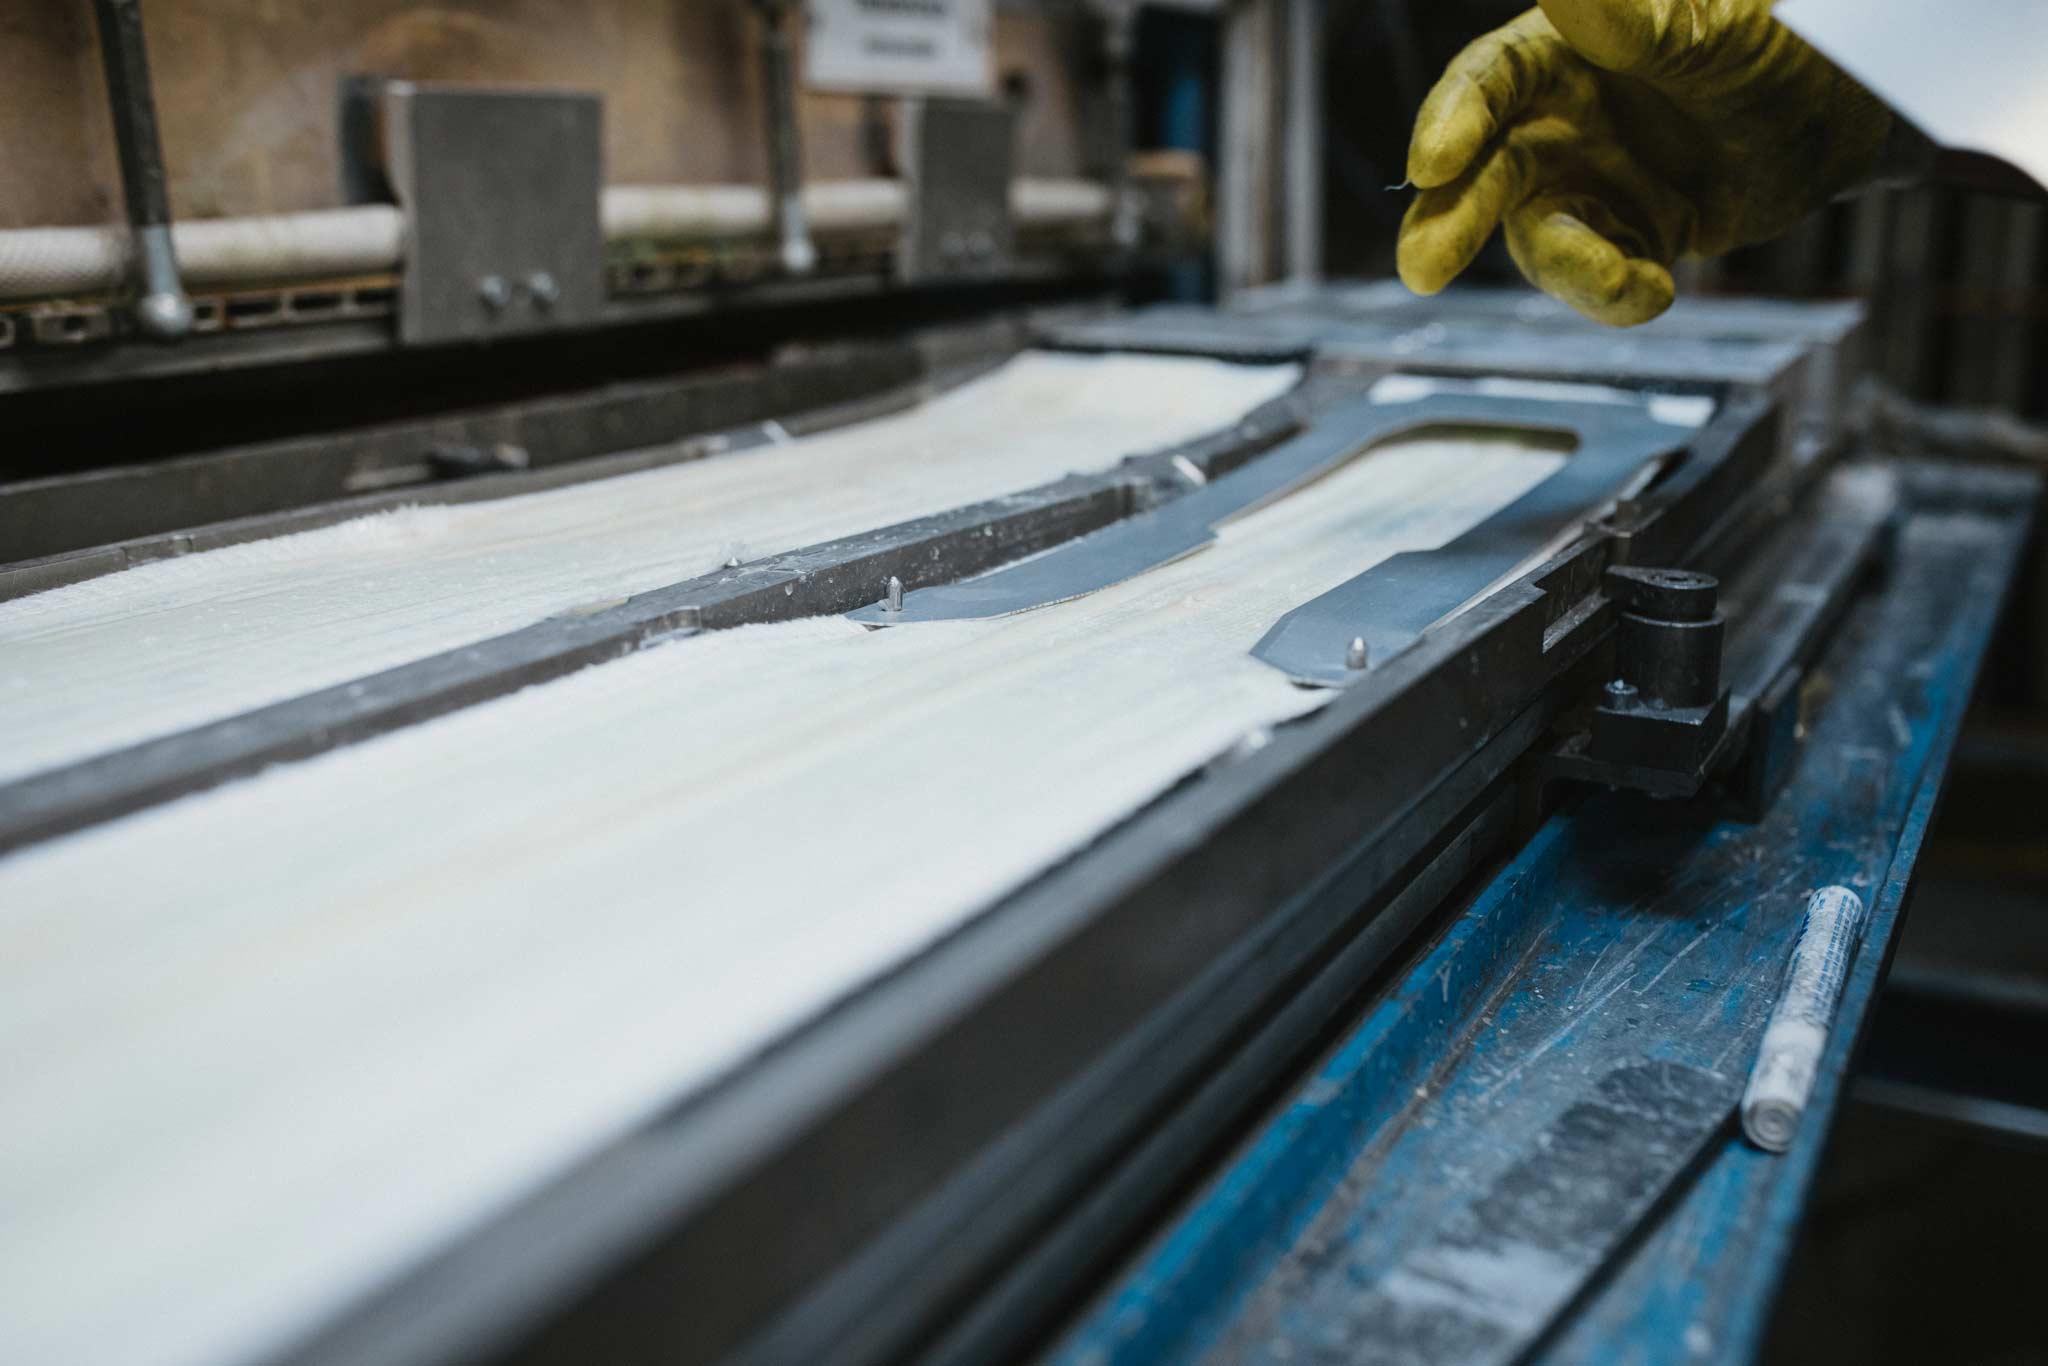 Der Tailored Titanal Frame in Form eines 0,7 mm starken Titanalrahmens im neuen Völkl Mantra M6 2022.